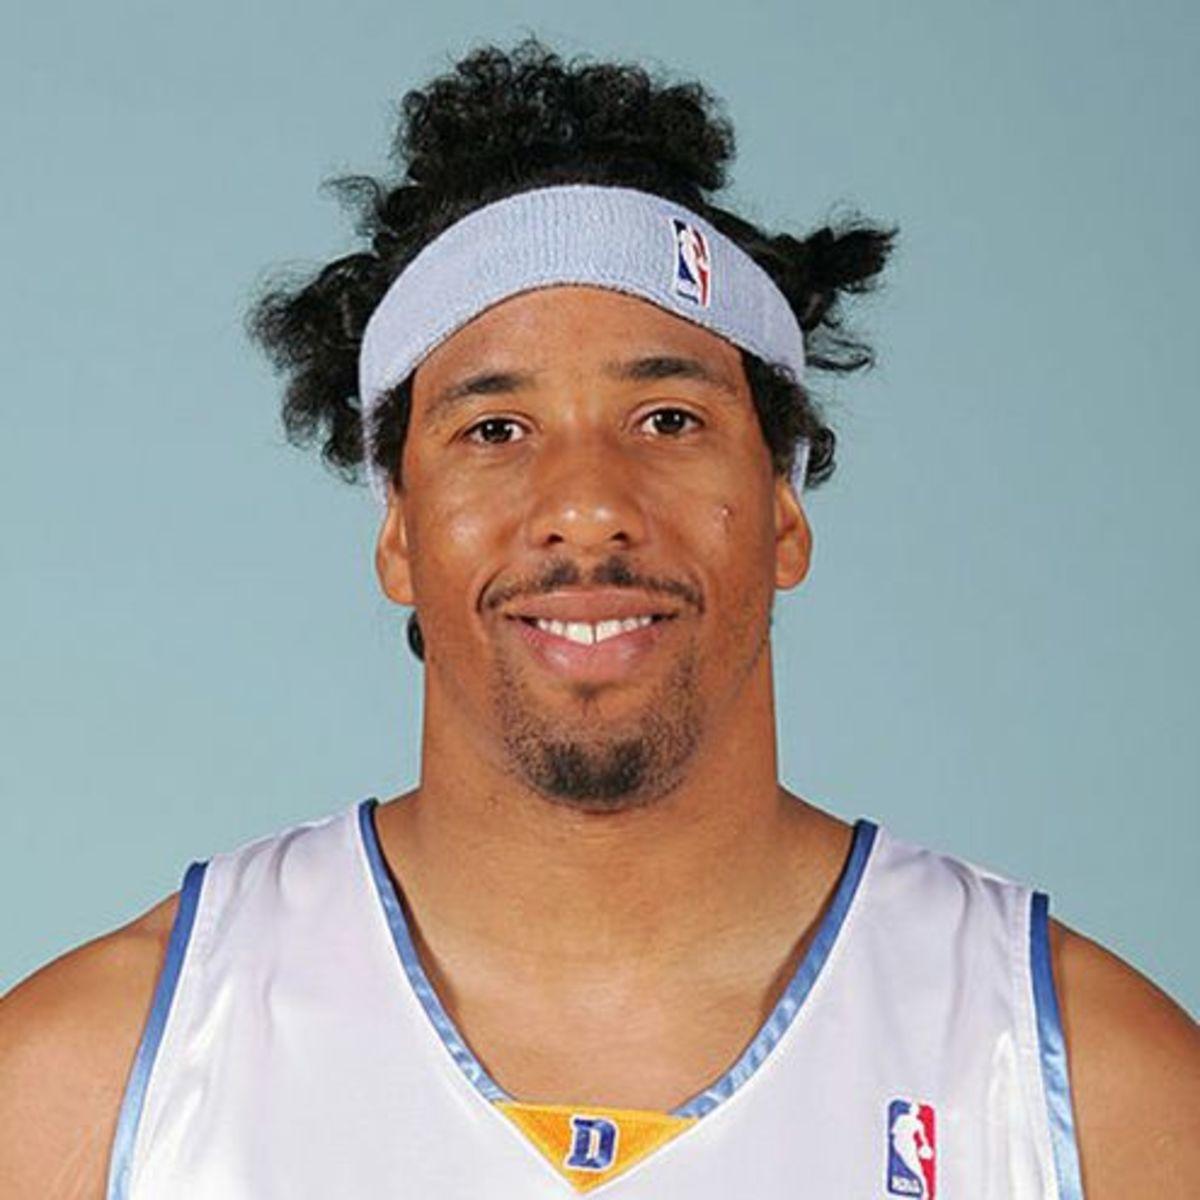 Andre-Miller-hair